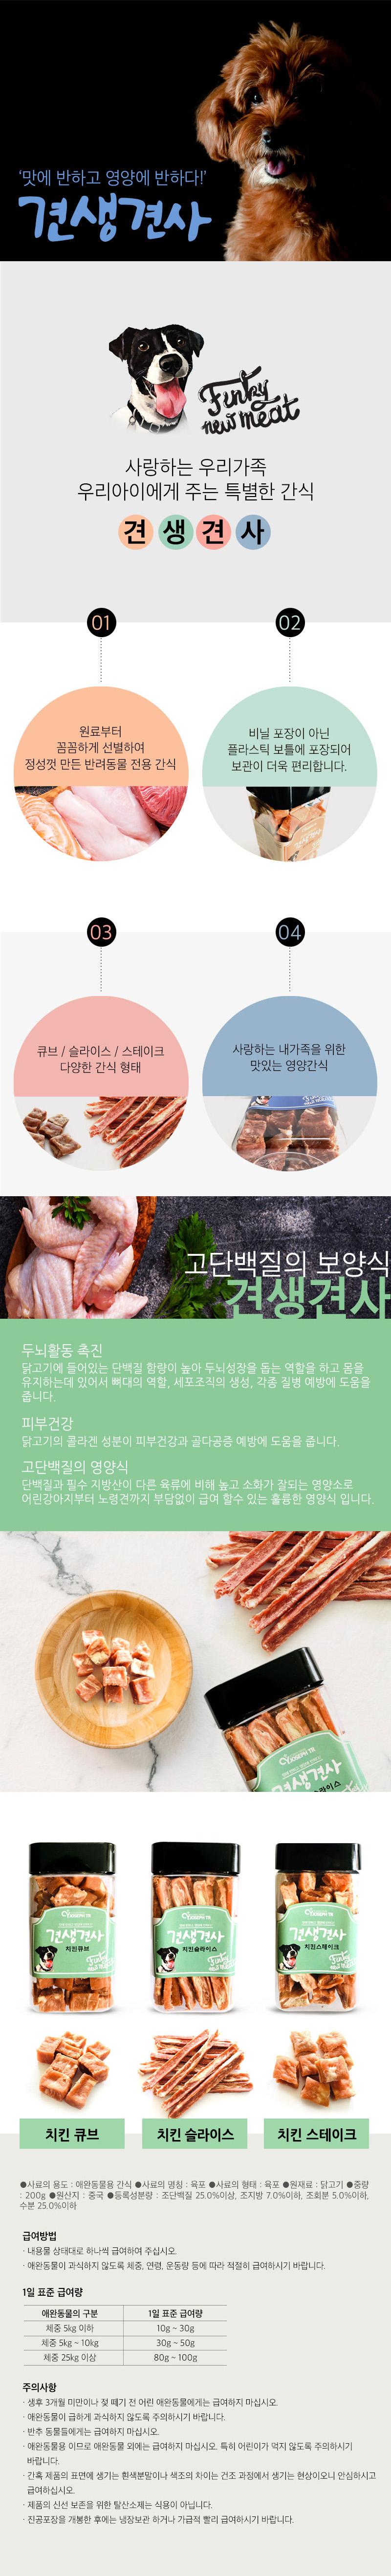 견생견사 200g 사각통 - 치킨 스테이크 - 더 케이 펫, 5,700원, 간식/영양제, 수제간식